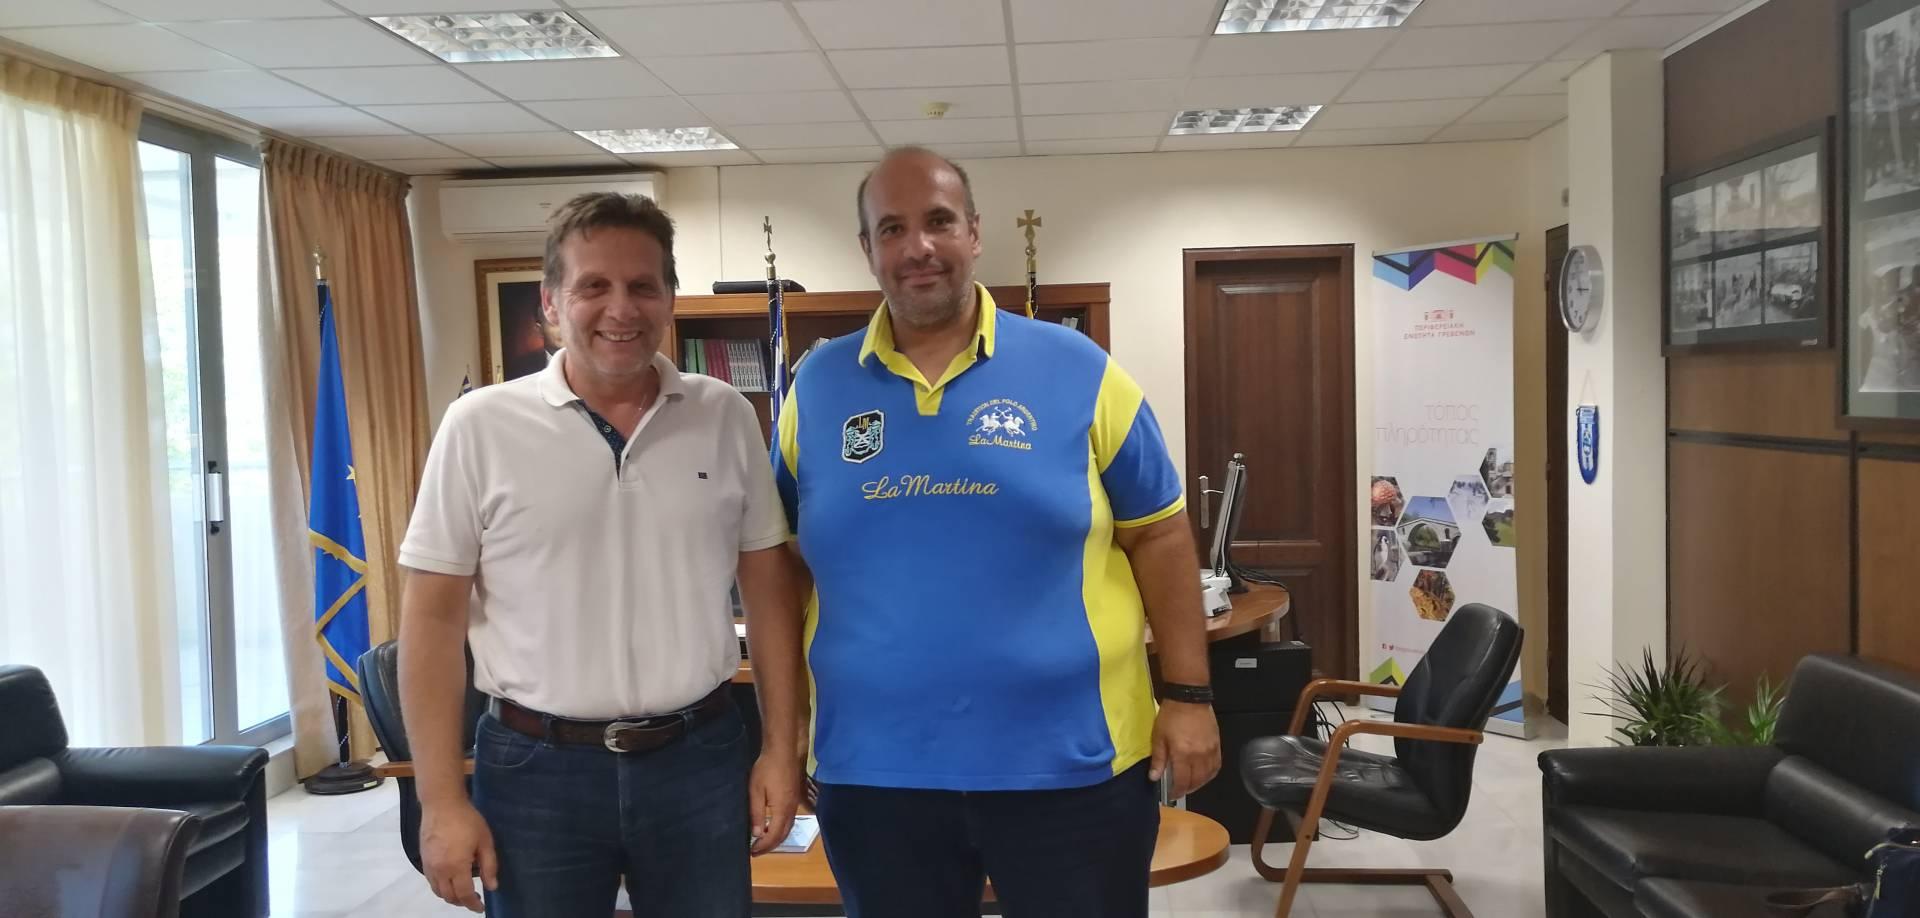 Επίσκεψη του Διευθυντή του ΙΕΚ Γρεβενών κ.Χρήστου Τριμίντζιου στον κ. Γιάννη Γιάτσιο